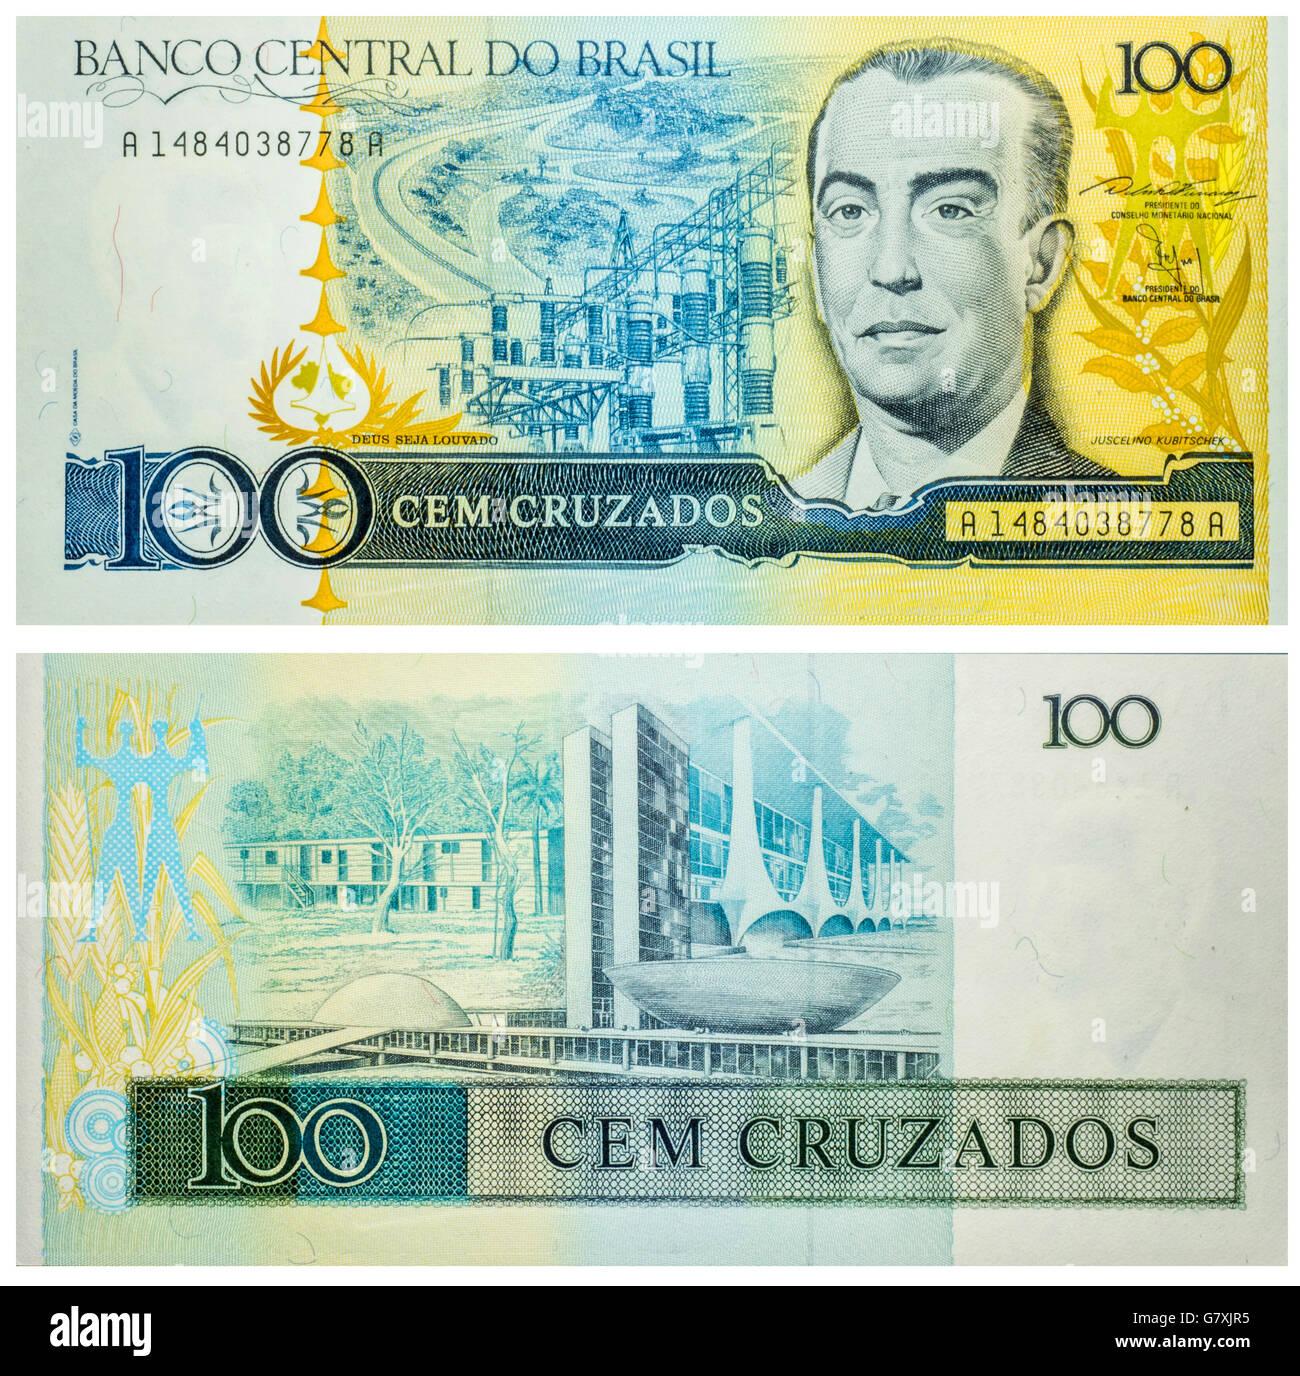 Banknote 100 Cruzados Brasil 1986 - Stock Image